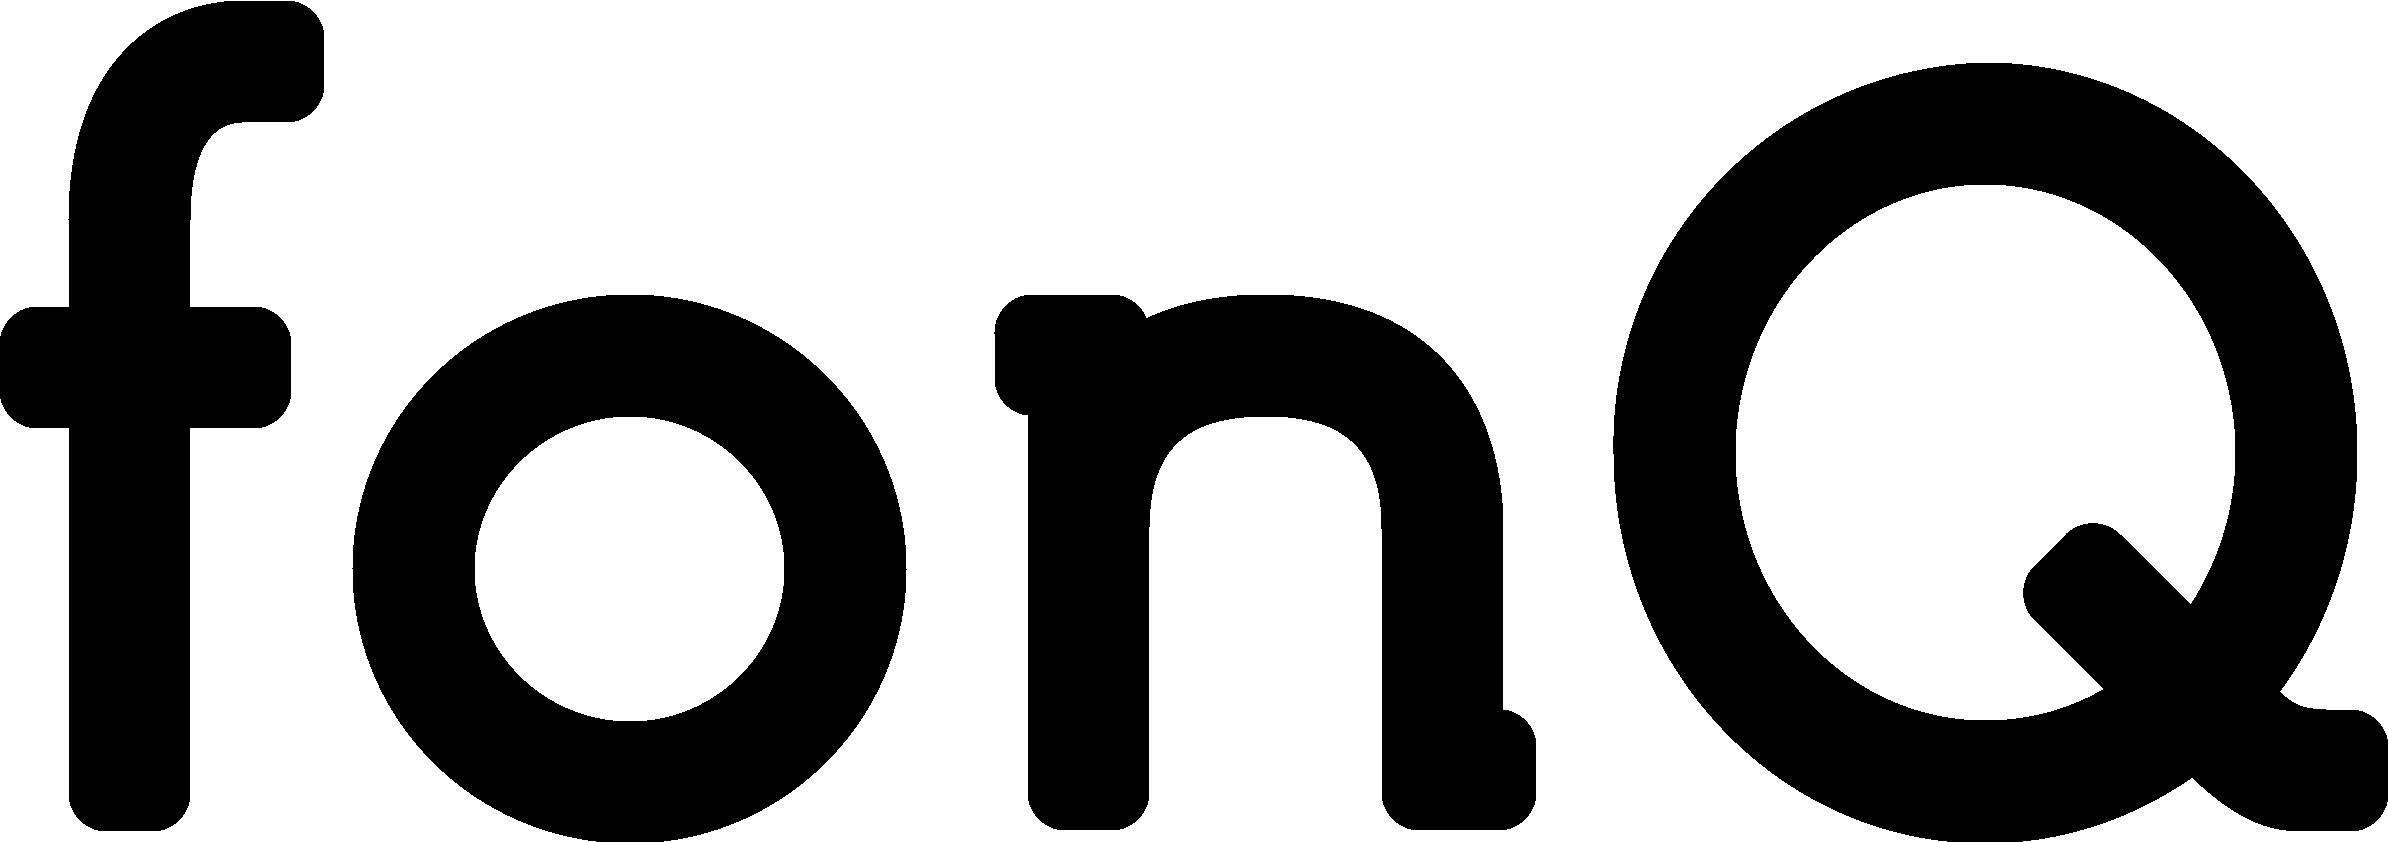 FonQ logo   NOYR tiny house